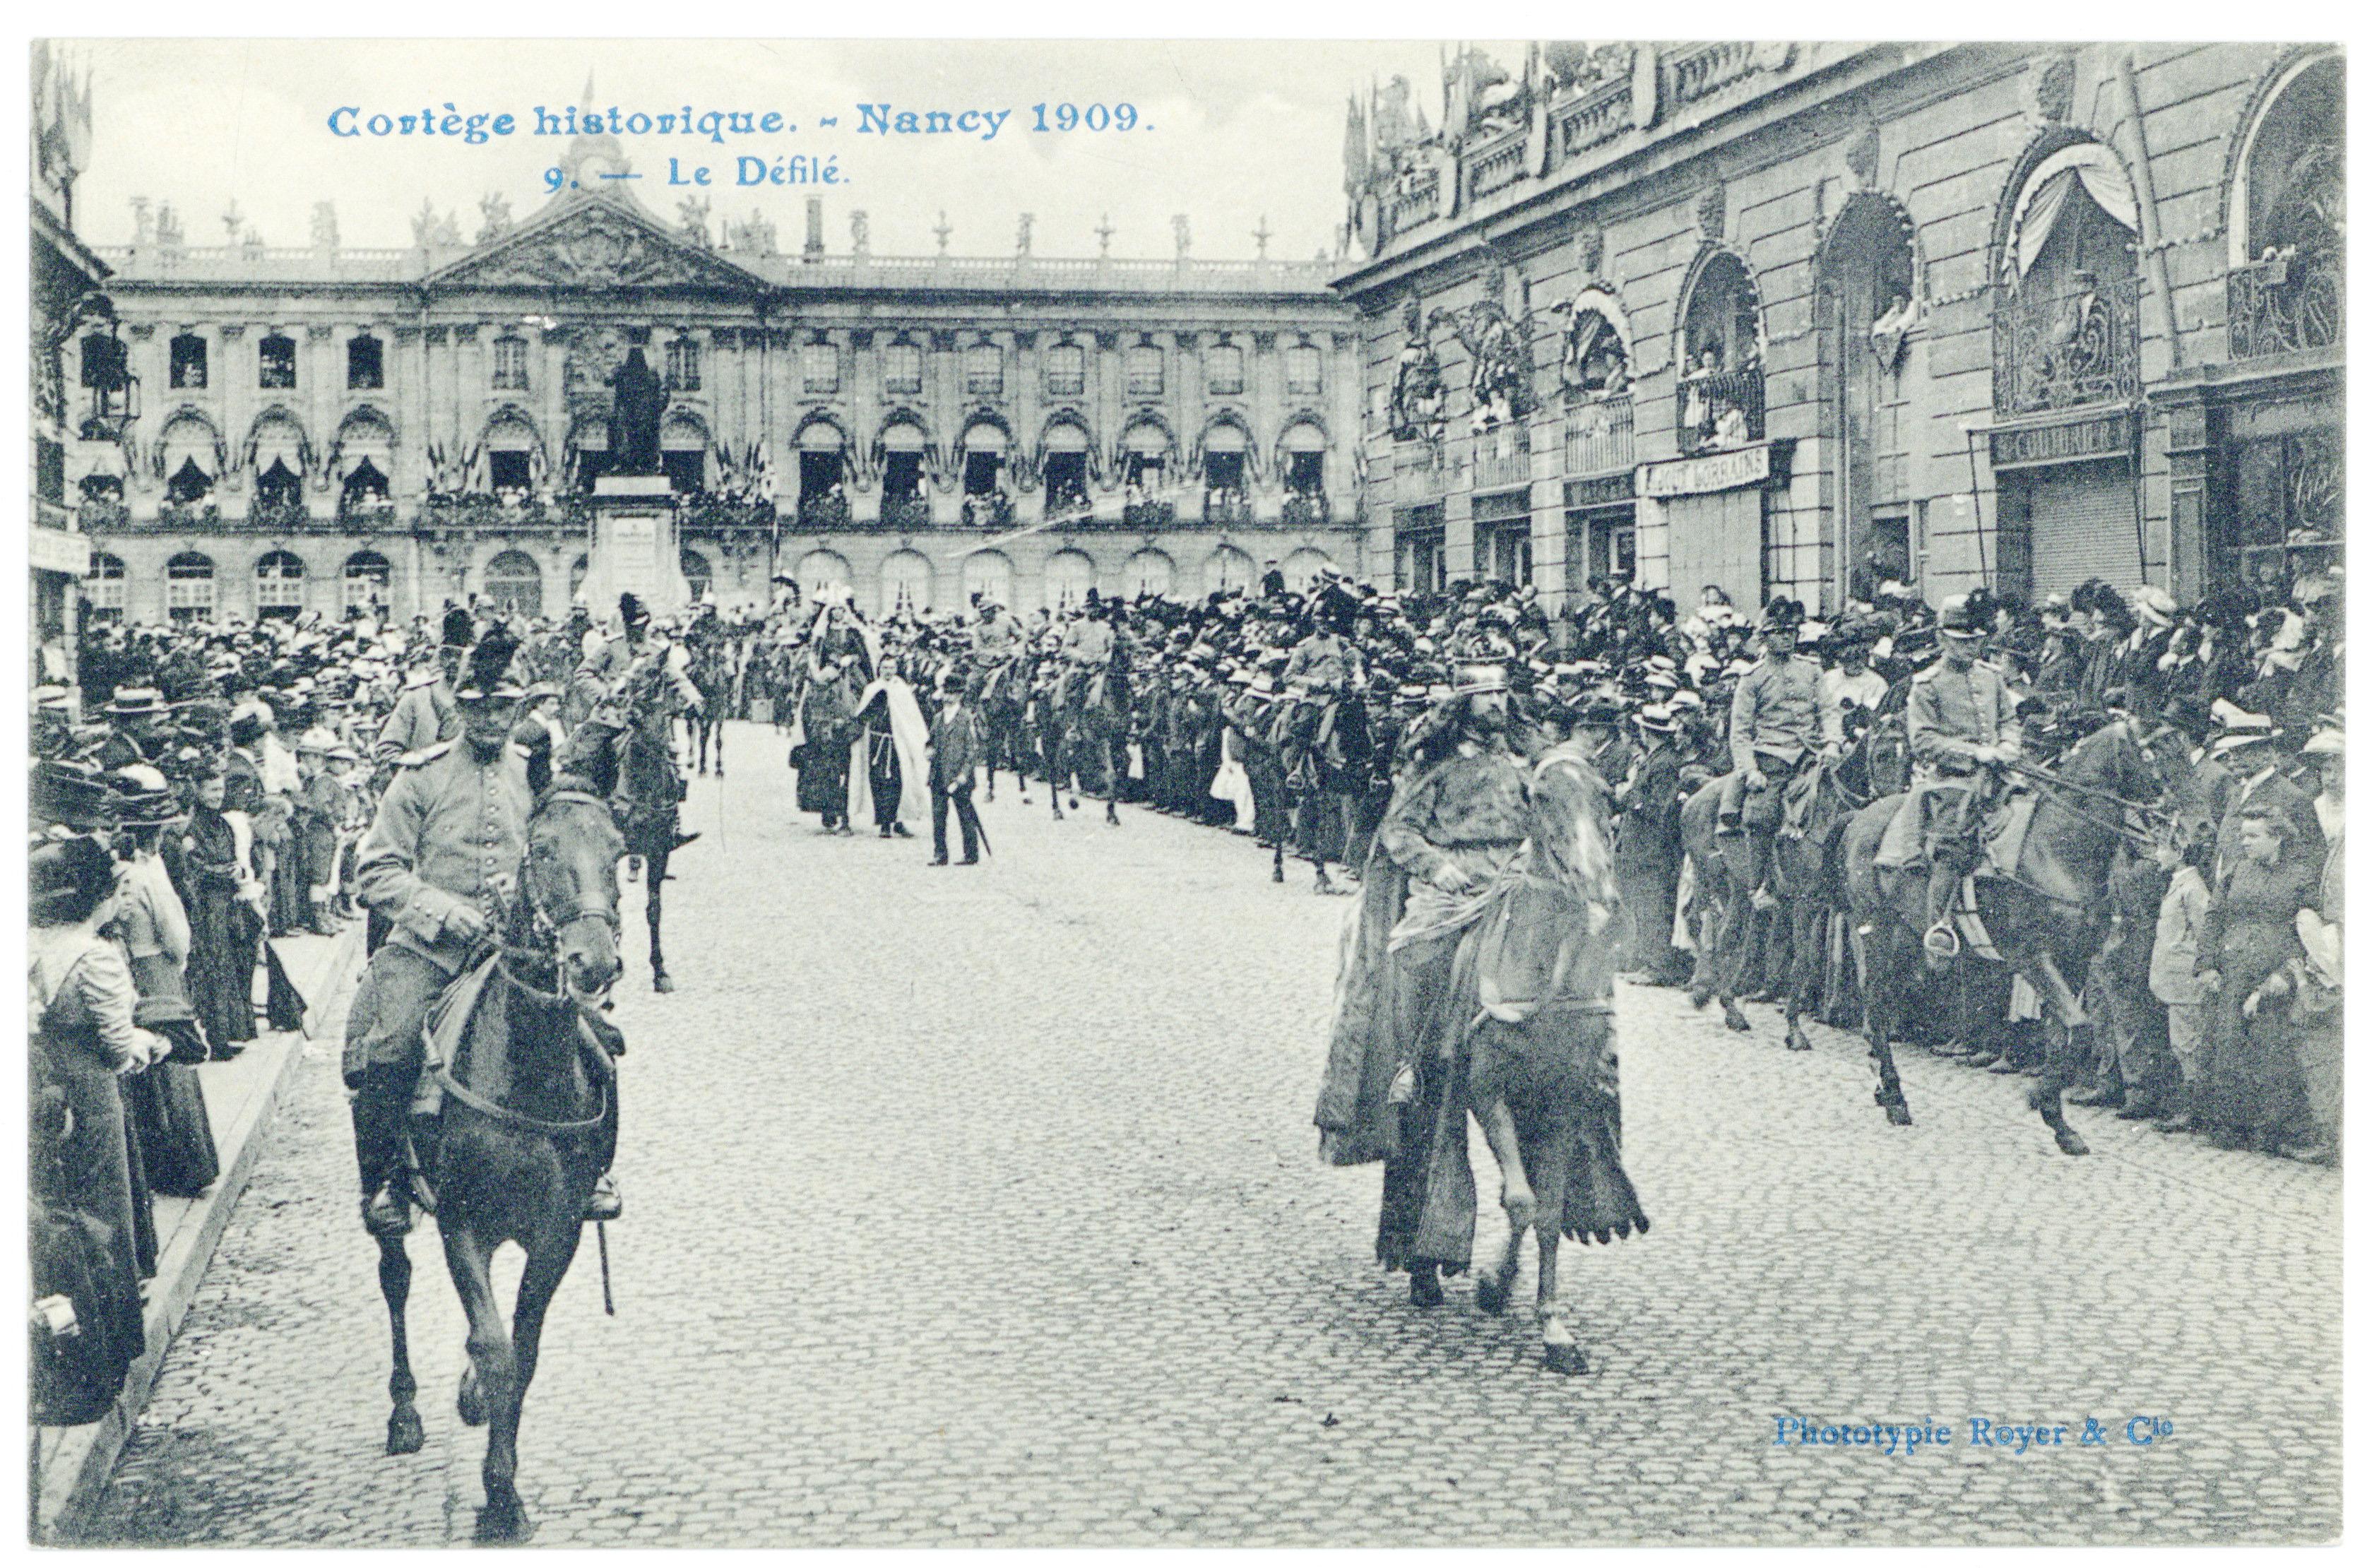 Contenu du Le défilé. Cortège historique, Nancy 1909